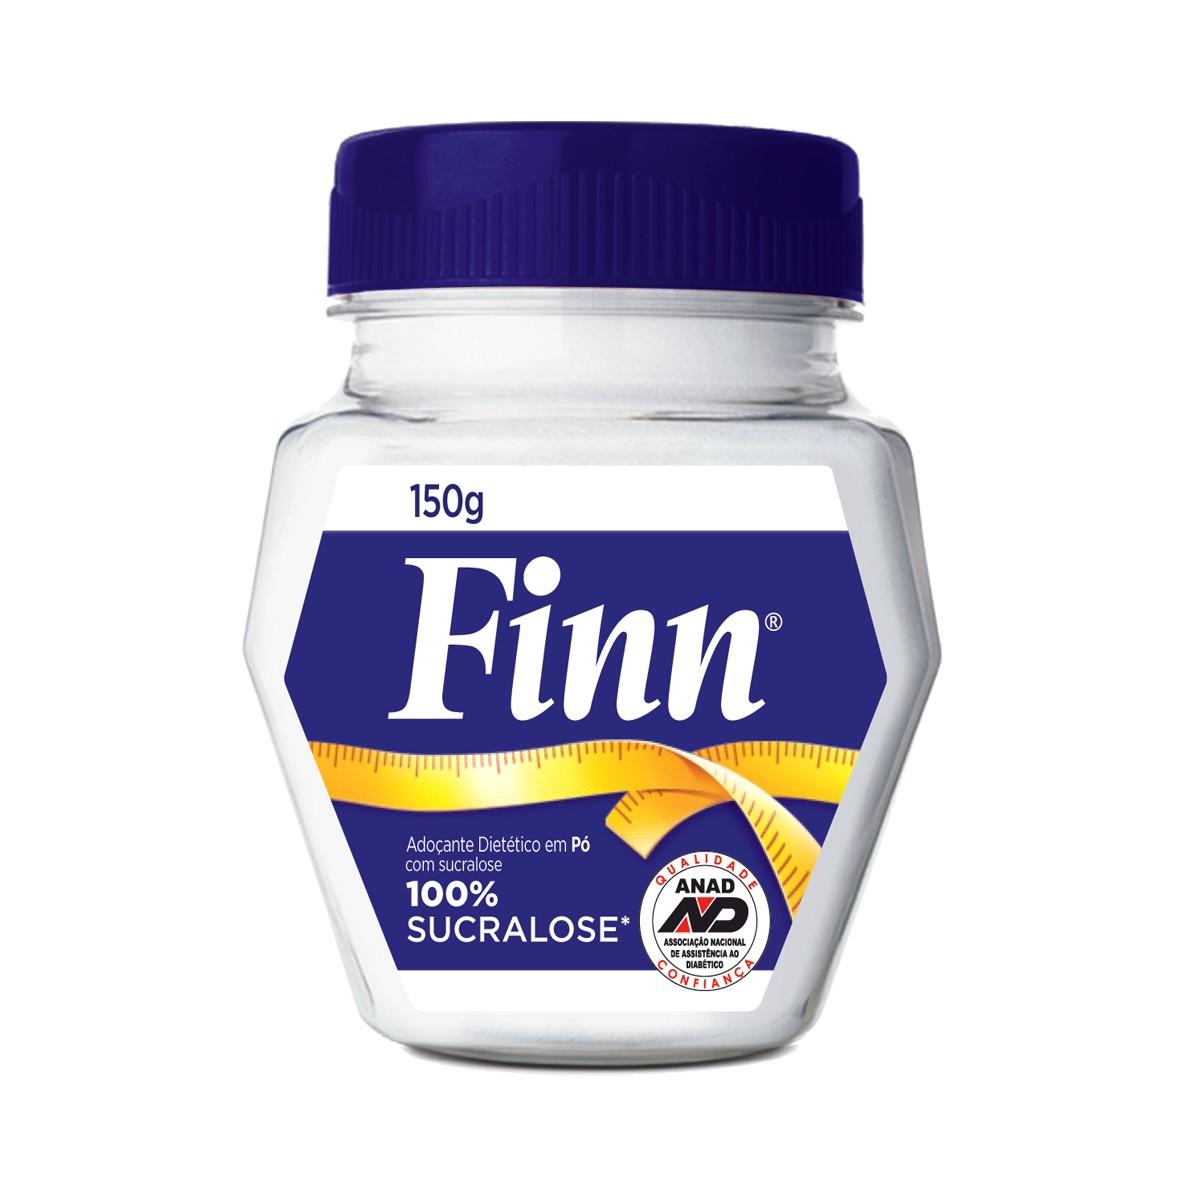 Adoçante Family Sucralose Finn 150g